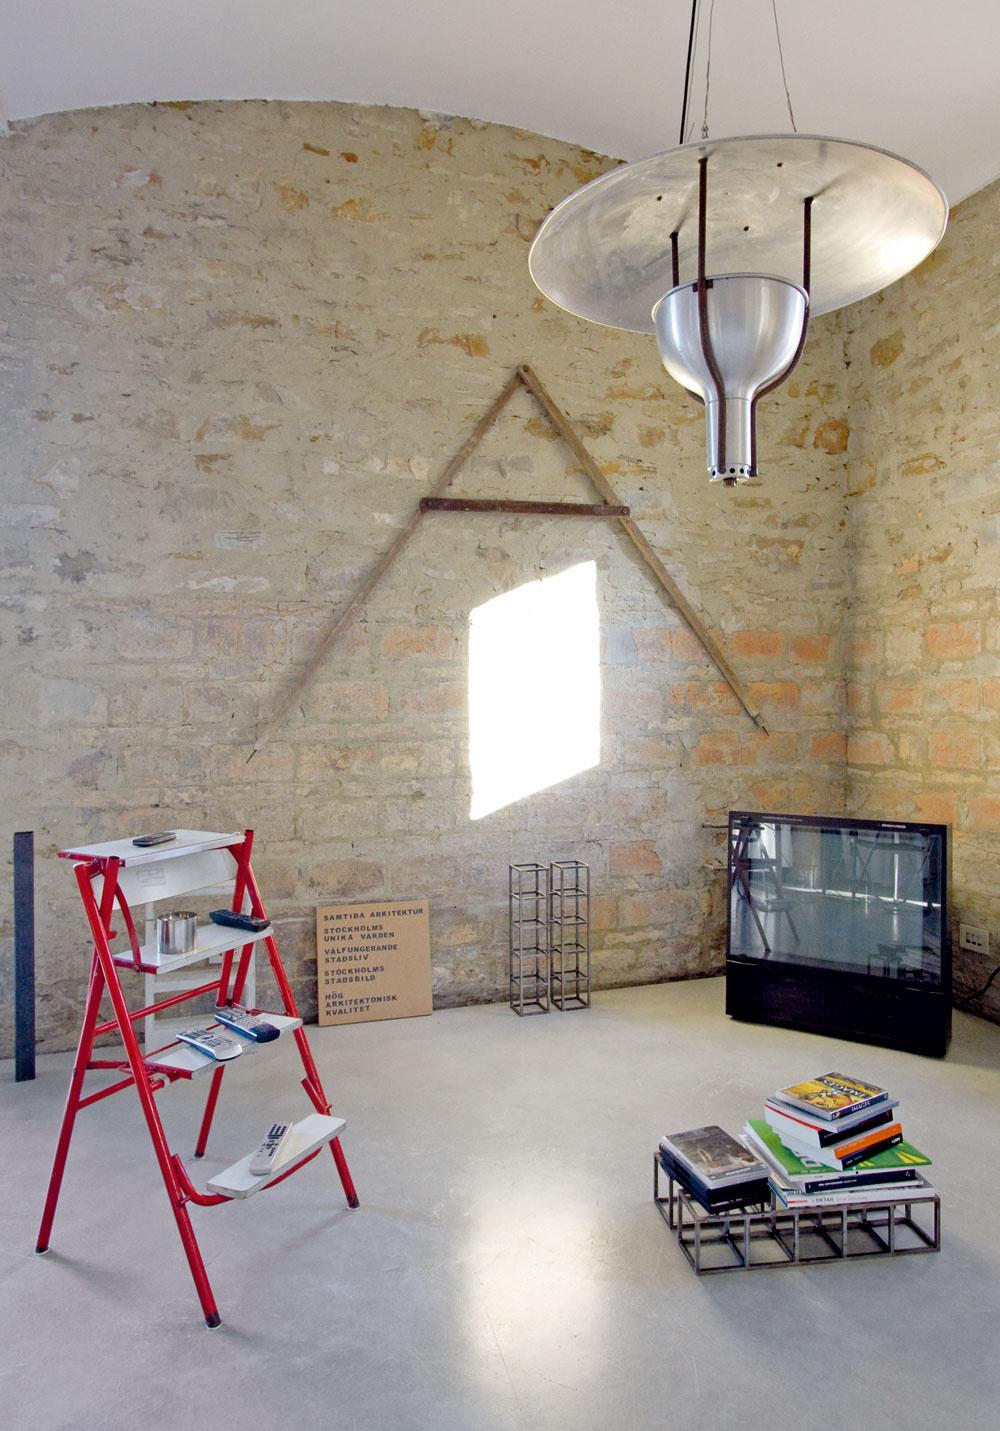 Obývací kút je vybavený dočasnými doplnkami – maliarskymi schodíkmi, ktoré slúžia ako poličky, či kovovými štruktúrami použitými namiesto konferenčného stolíka.